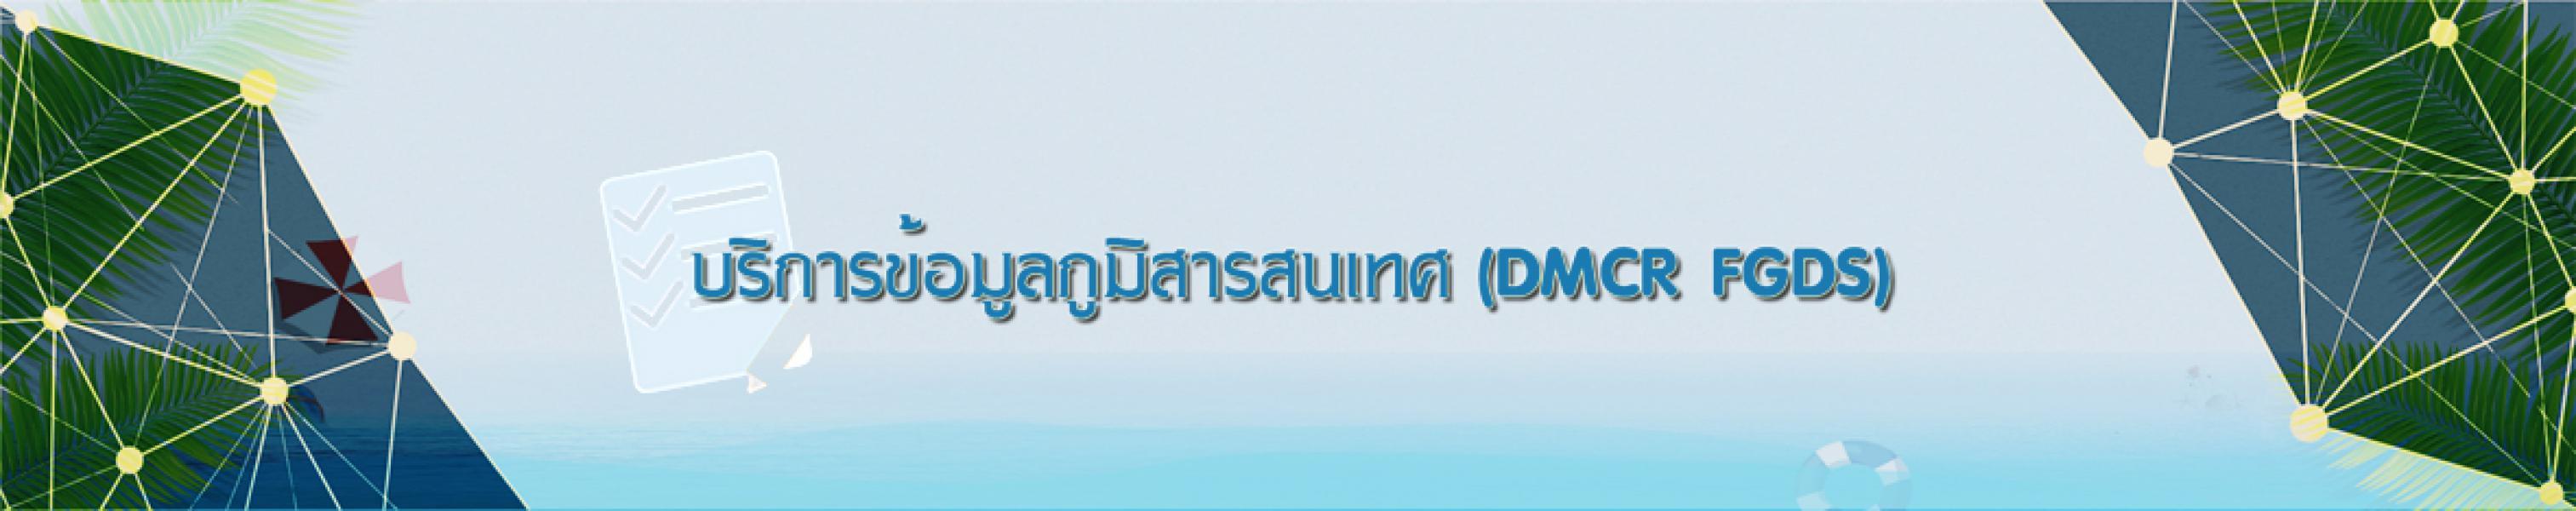 การบริการข้อมูลภูมิสารสนเทศ (DMCR FGDS)